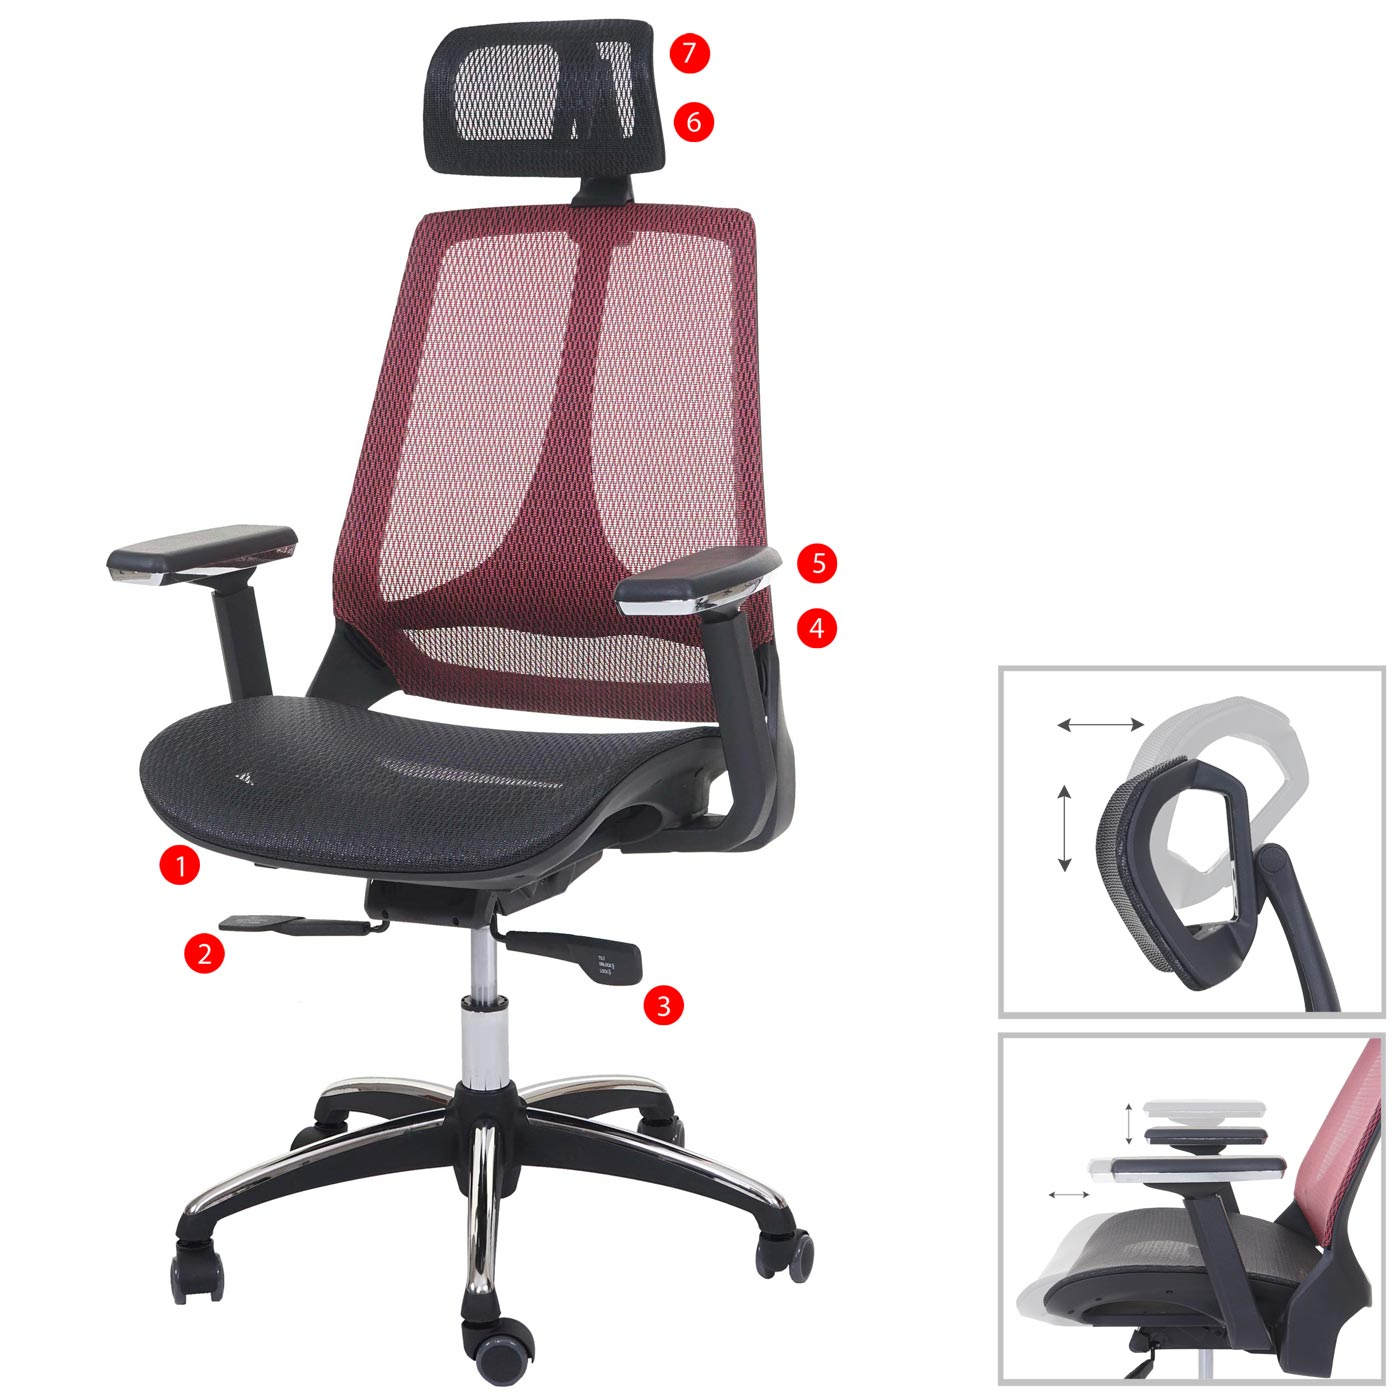 Bürostuhl MCW-A59, Schreibtischstuhl, Sliding-Funktion Textil ISO9001 ~ schwarz/rot